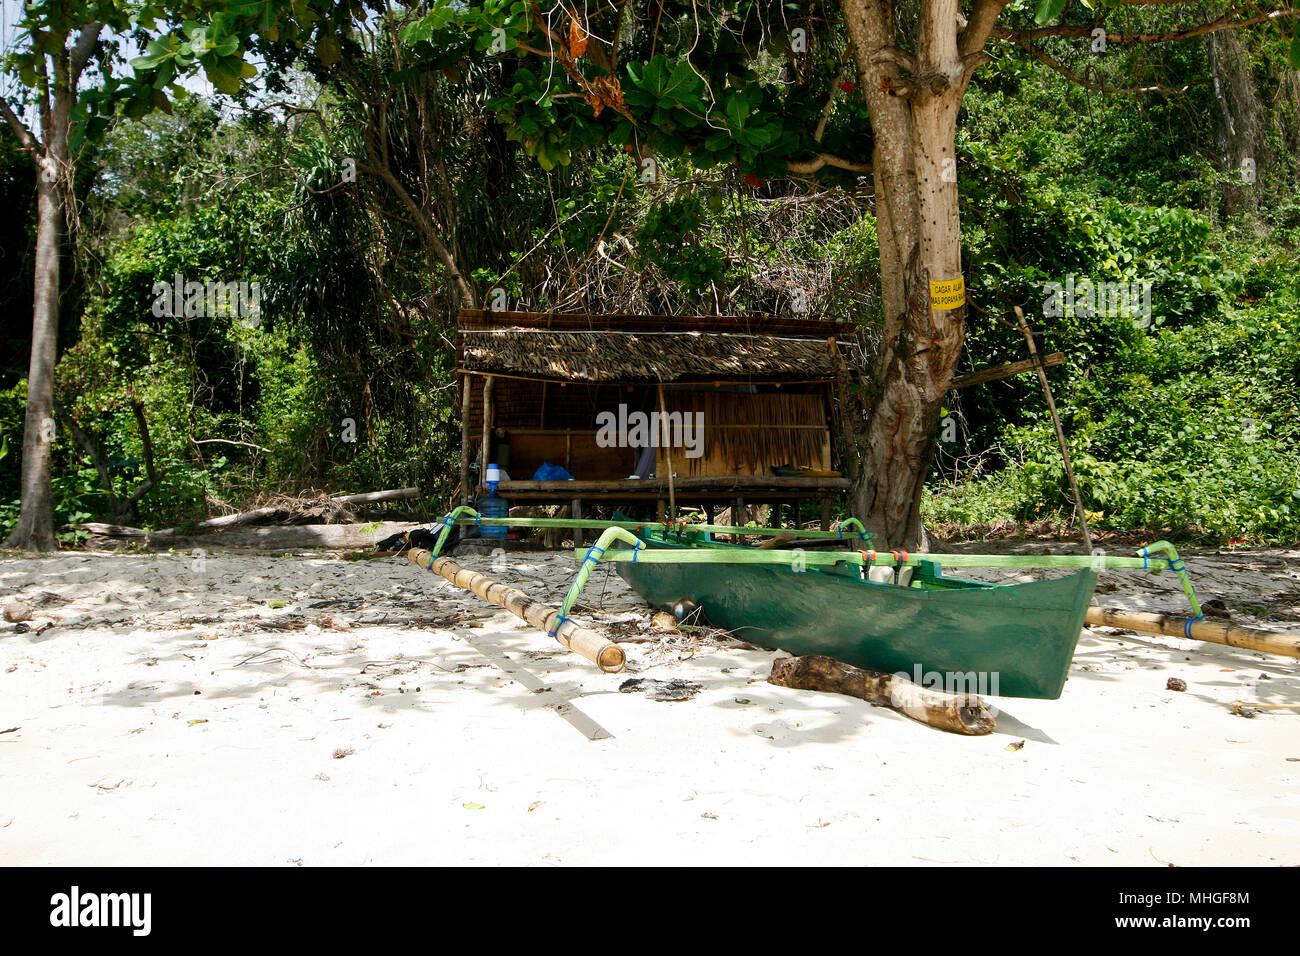 Inhabited island. Sulawesi, Indonesia - Stock Image